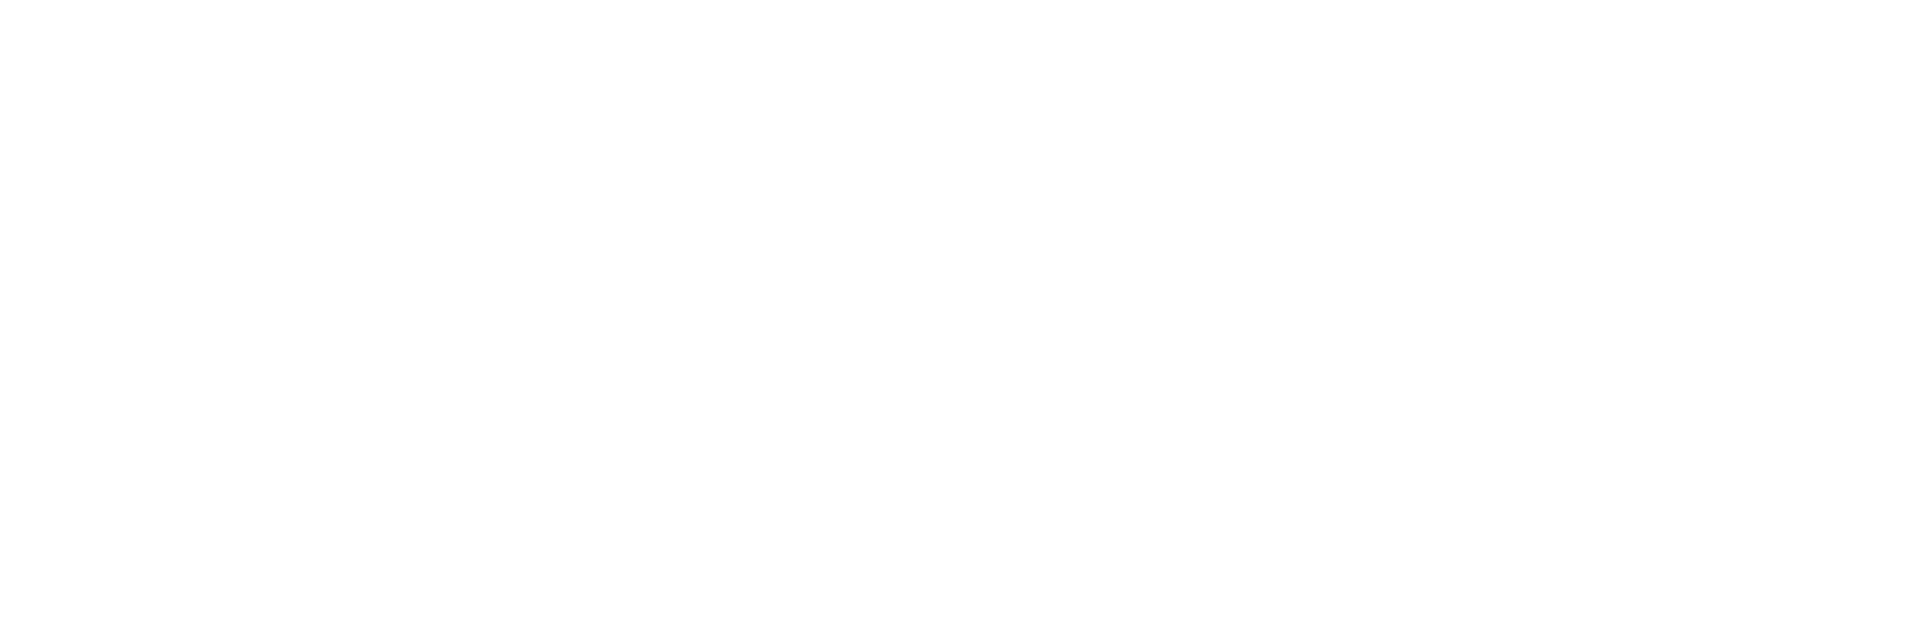 Digital-Marketing-Sales-Agency-MD-DC-VA